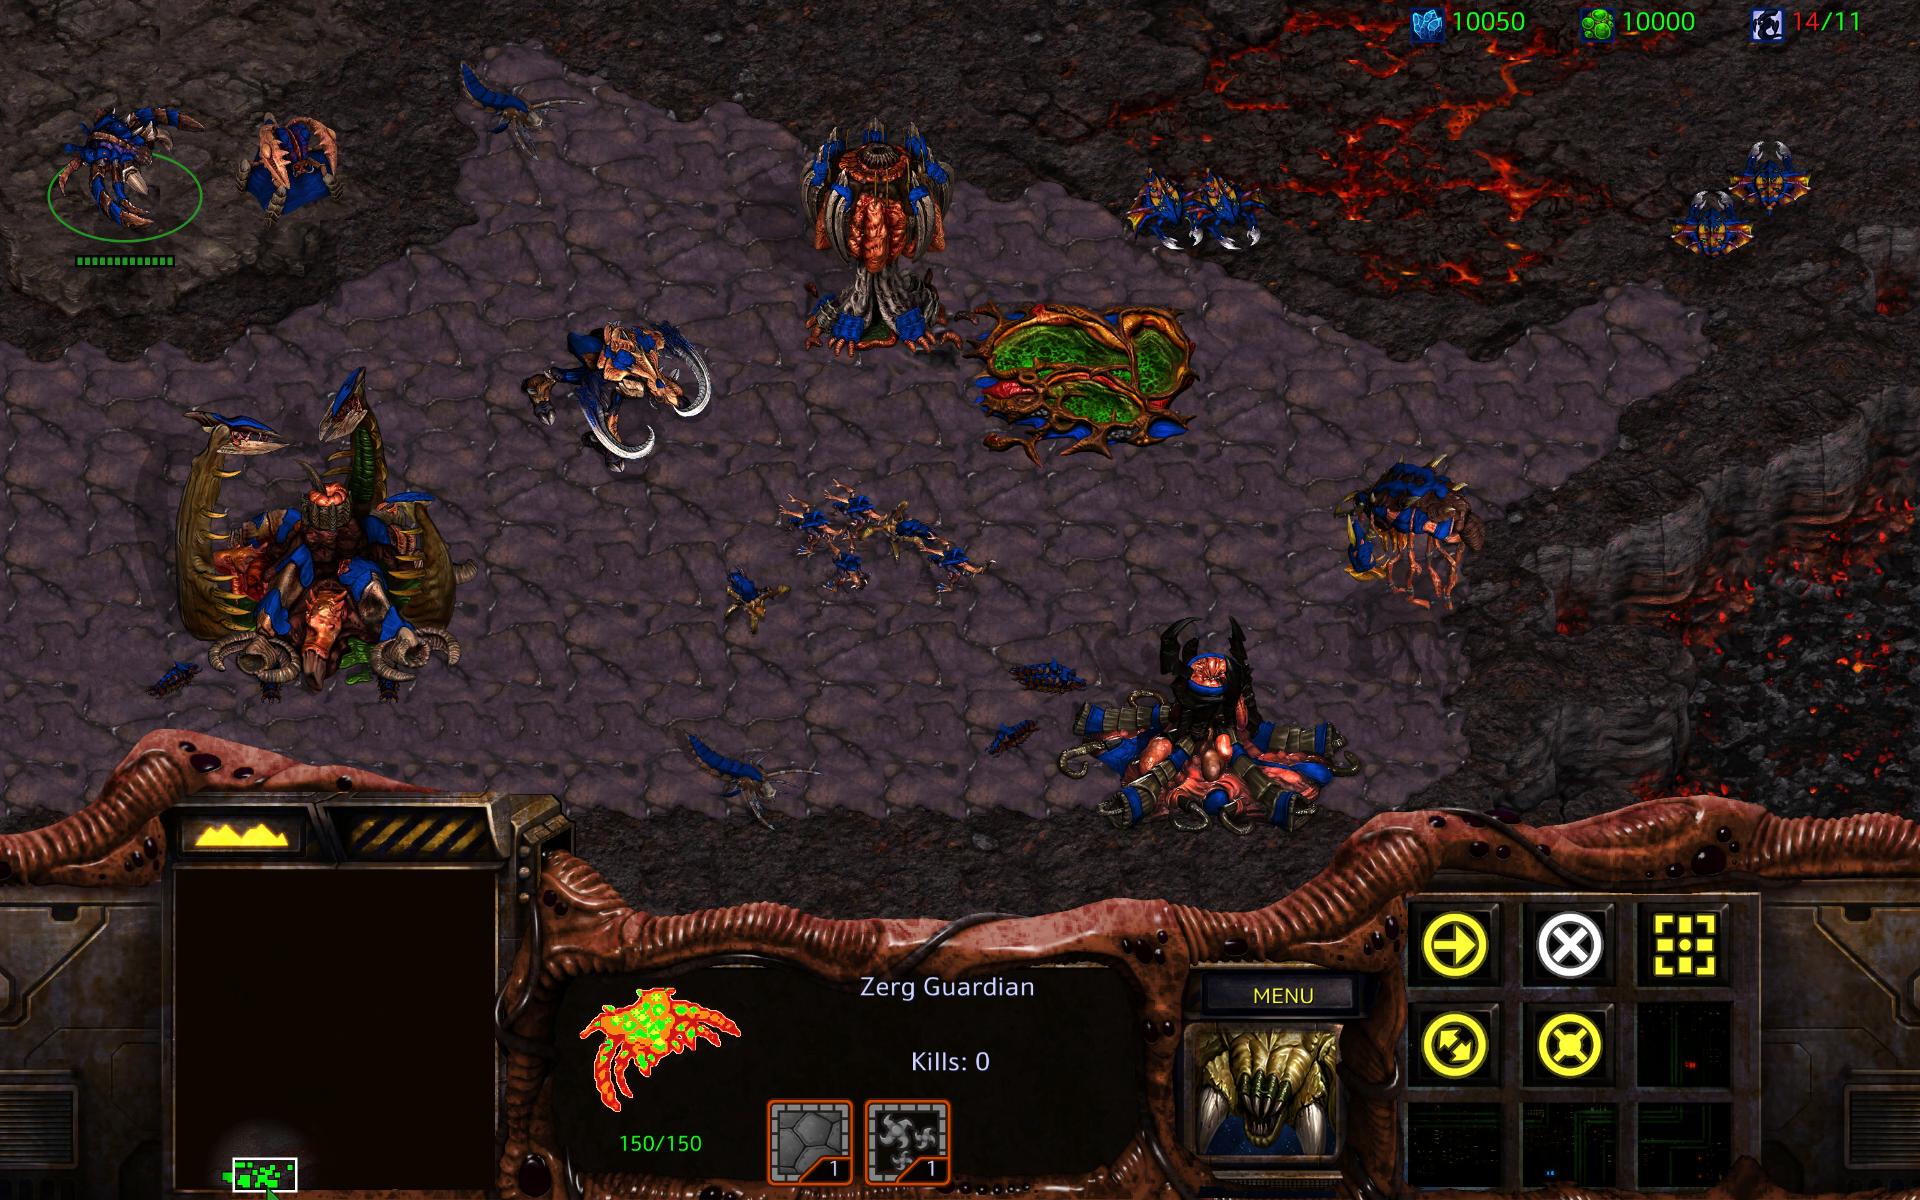 """""""StarCraft Remastered""""eスポーツタイトルStarCraft IIの前作、StartCraftのリマスター版がリリース決定"""